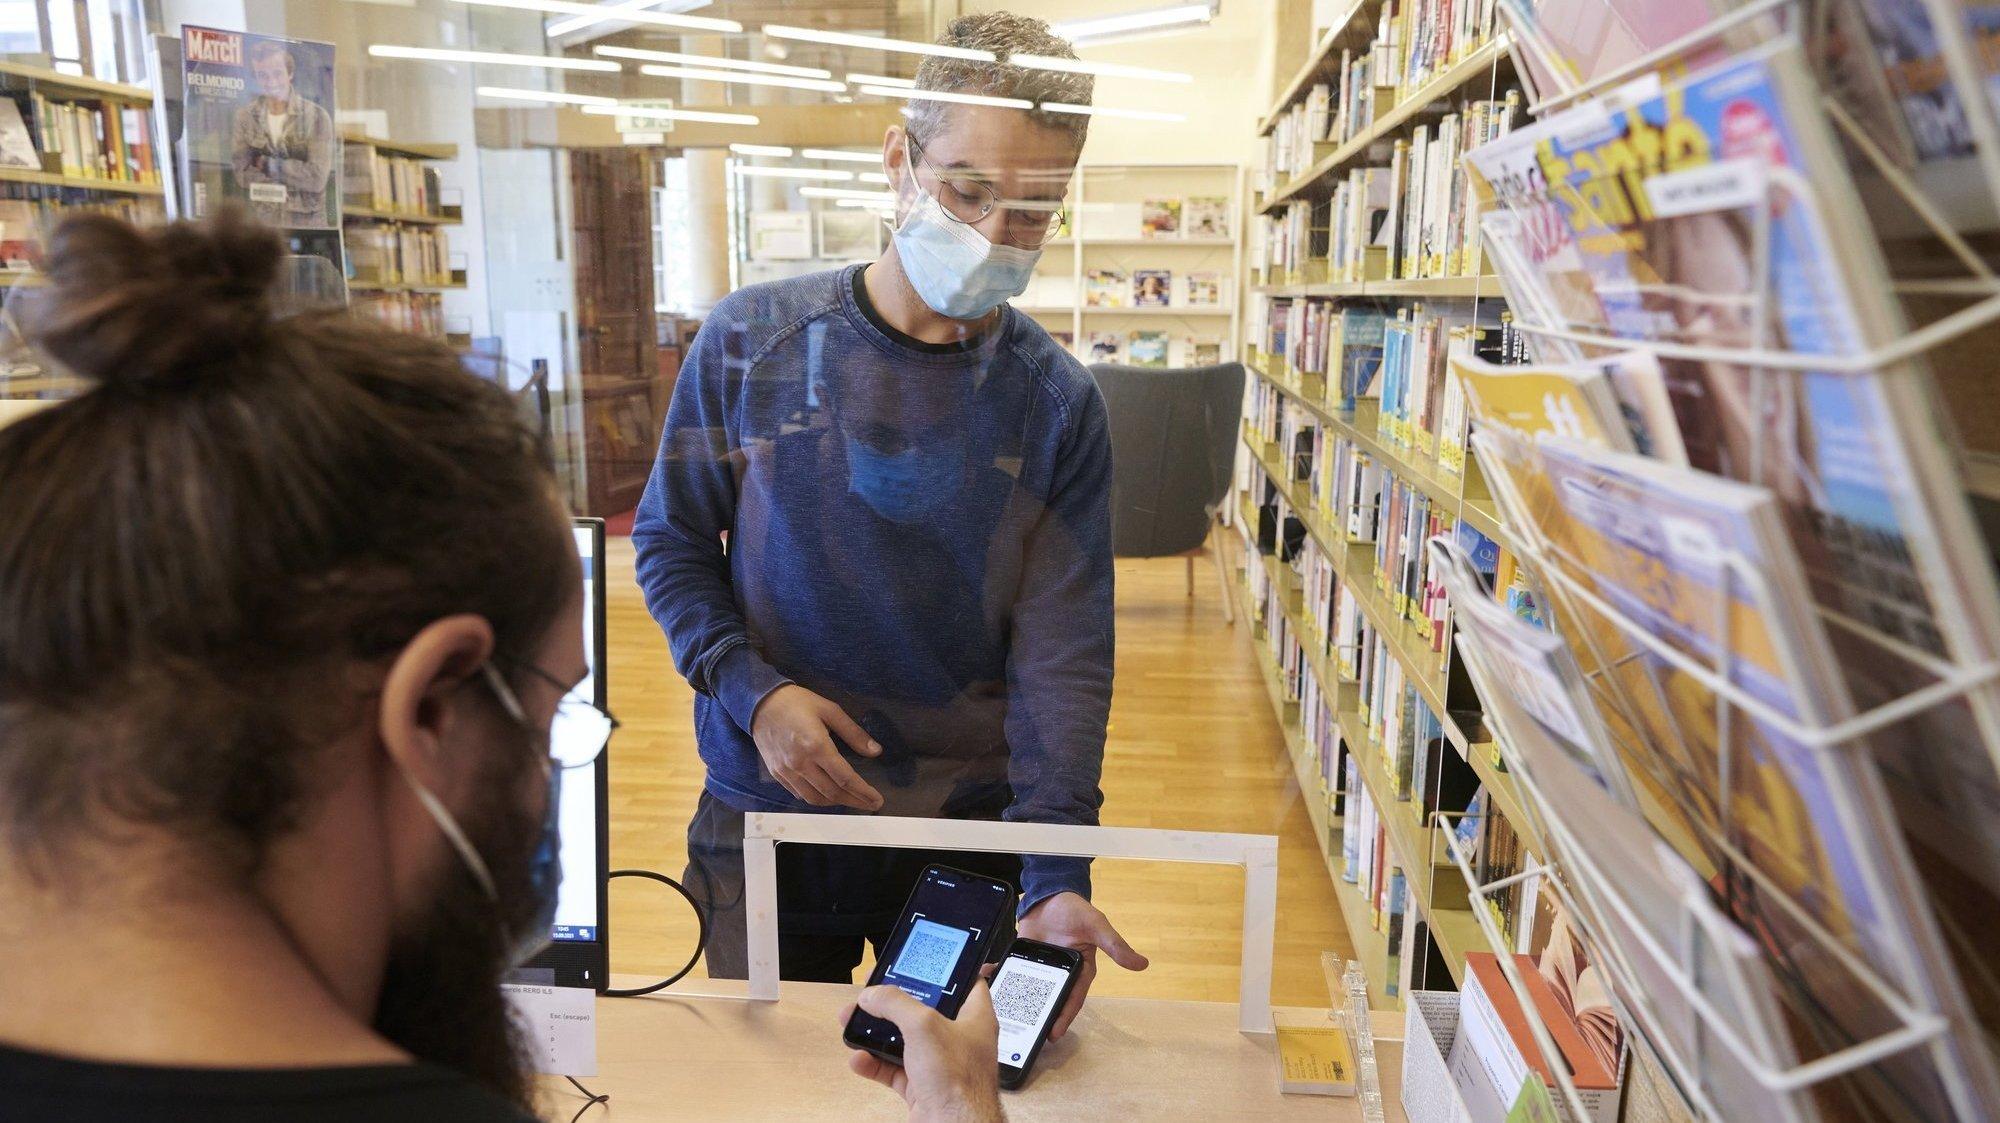 Contrôle du pass sanitaire et de l'identité à la Bibliothèque publique et universitaire de Neuchâtel.